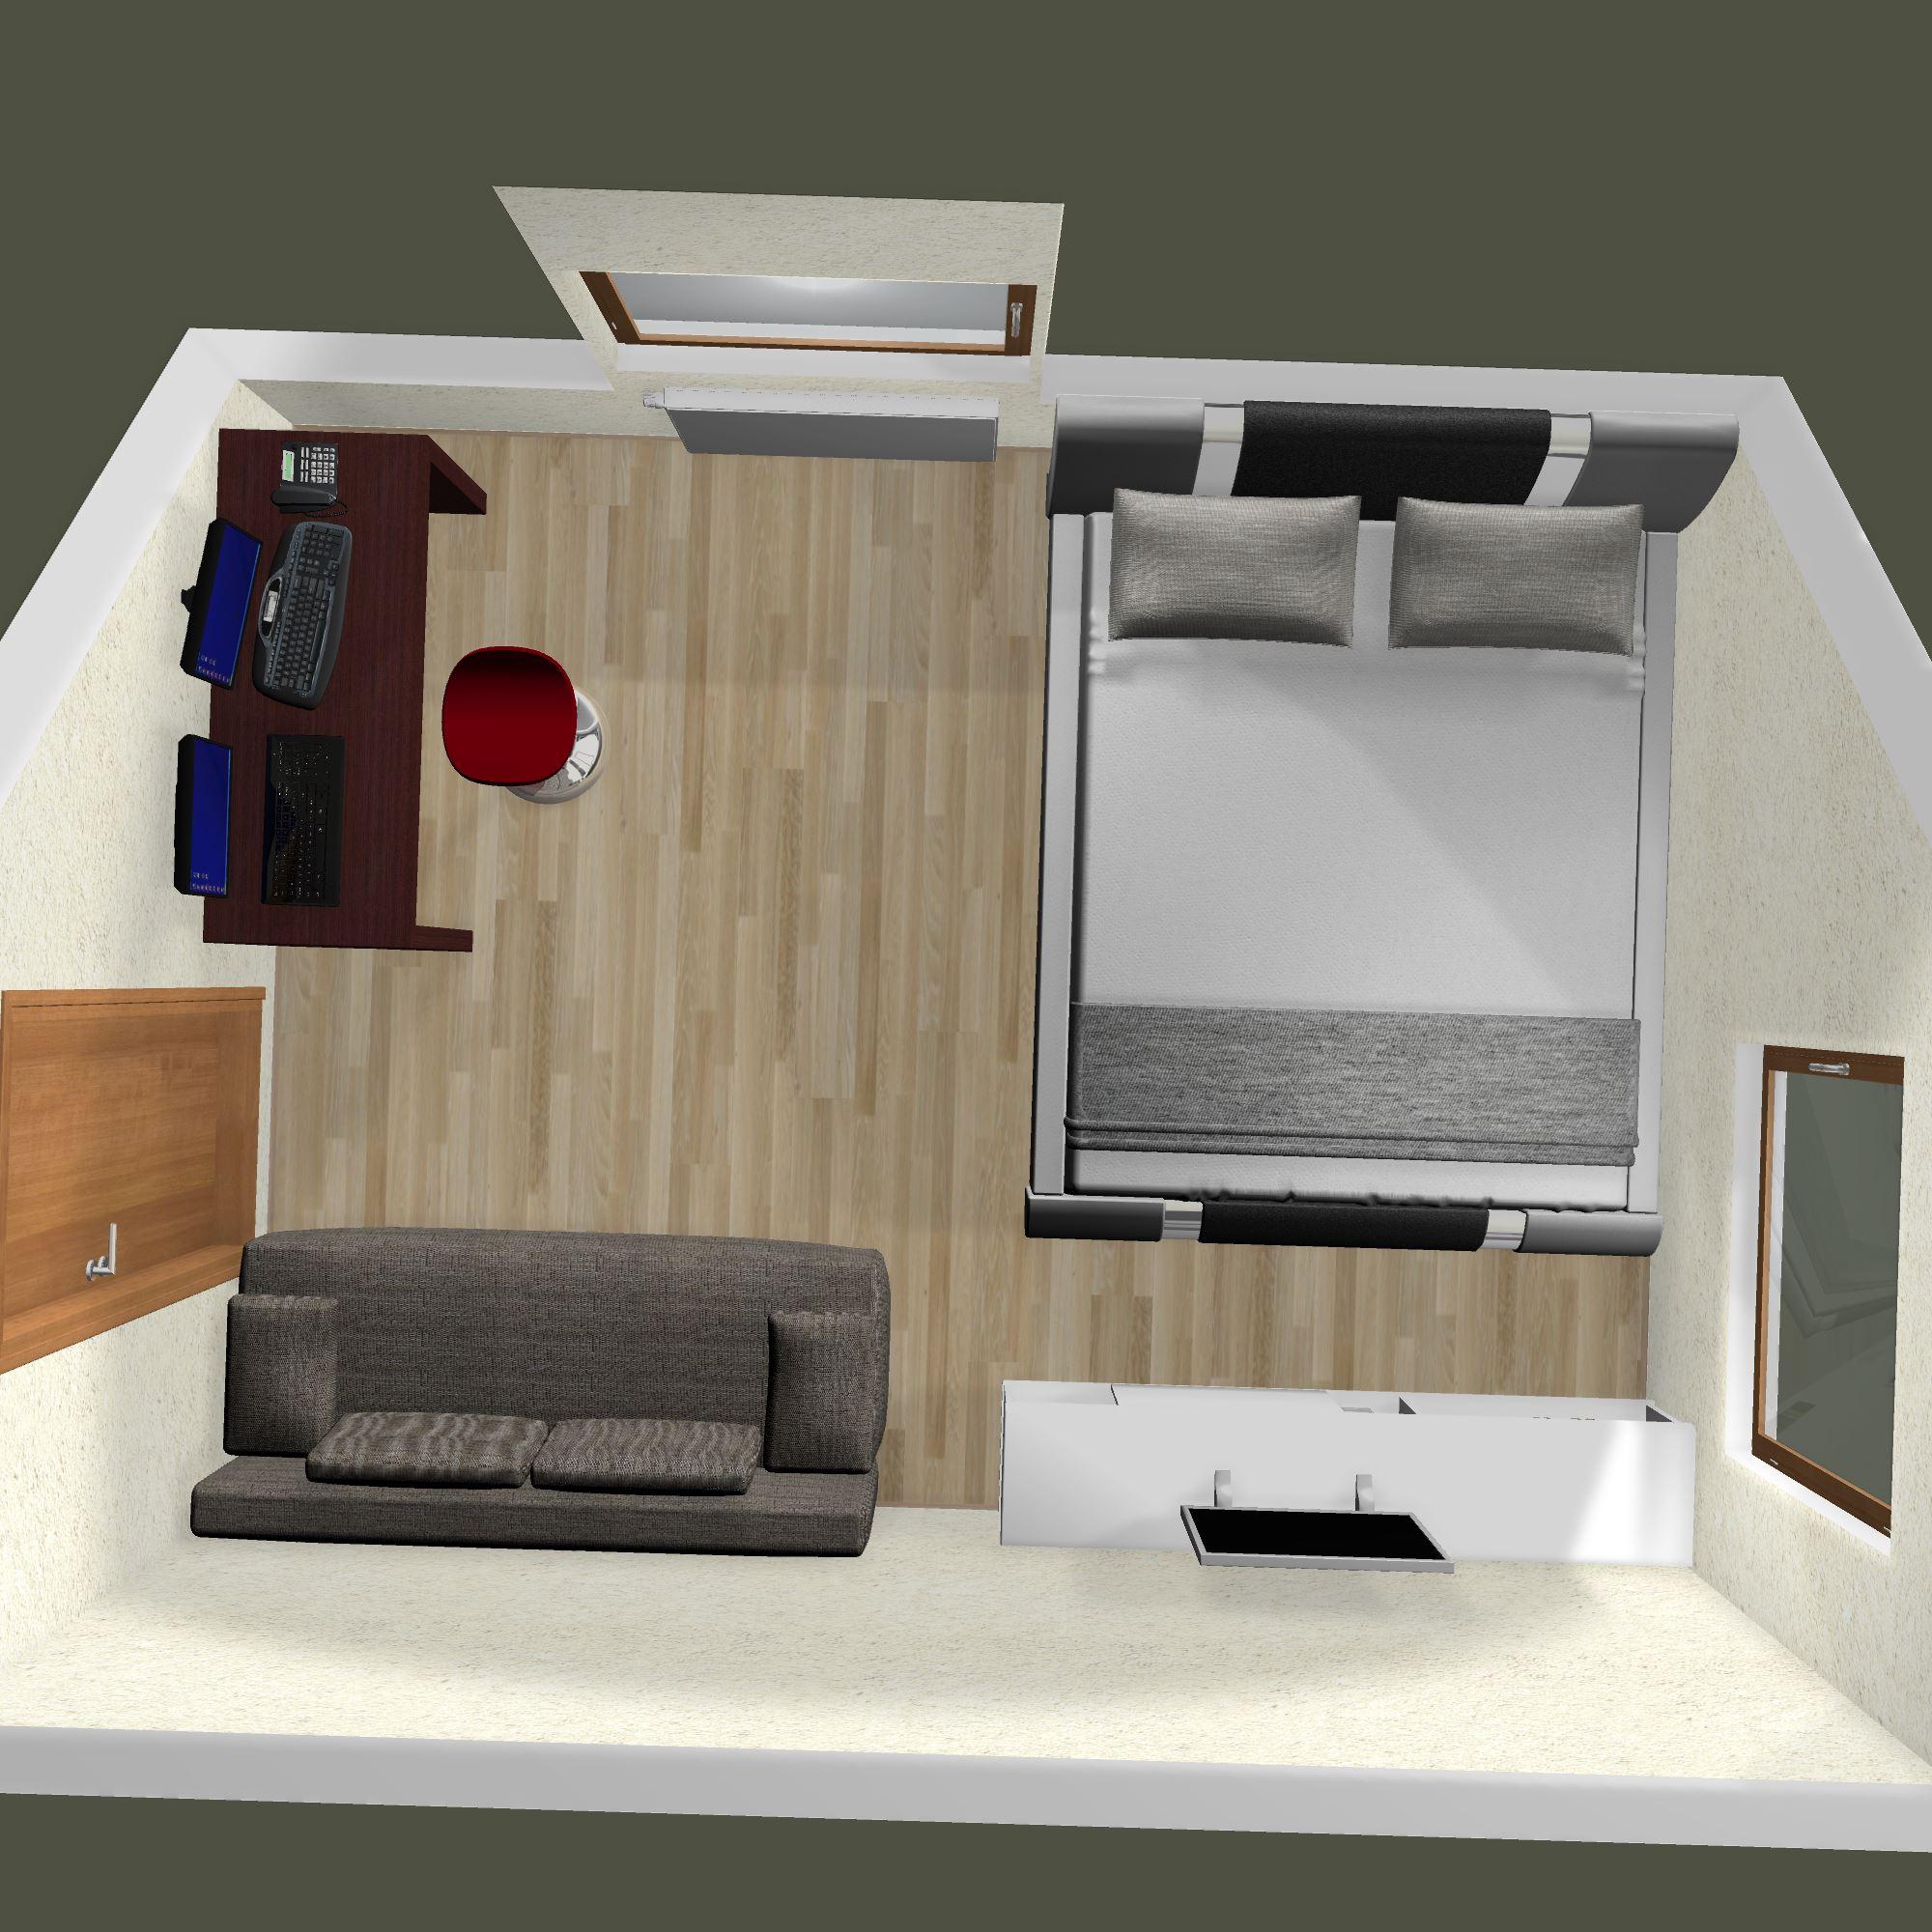 Zimmerplanung 1variante Bathroom Von Karl Heinz Faathfliesen Faath